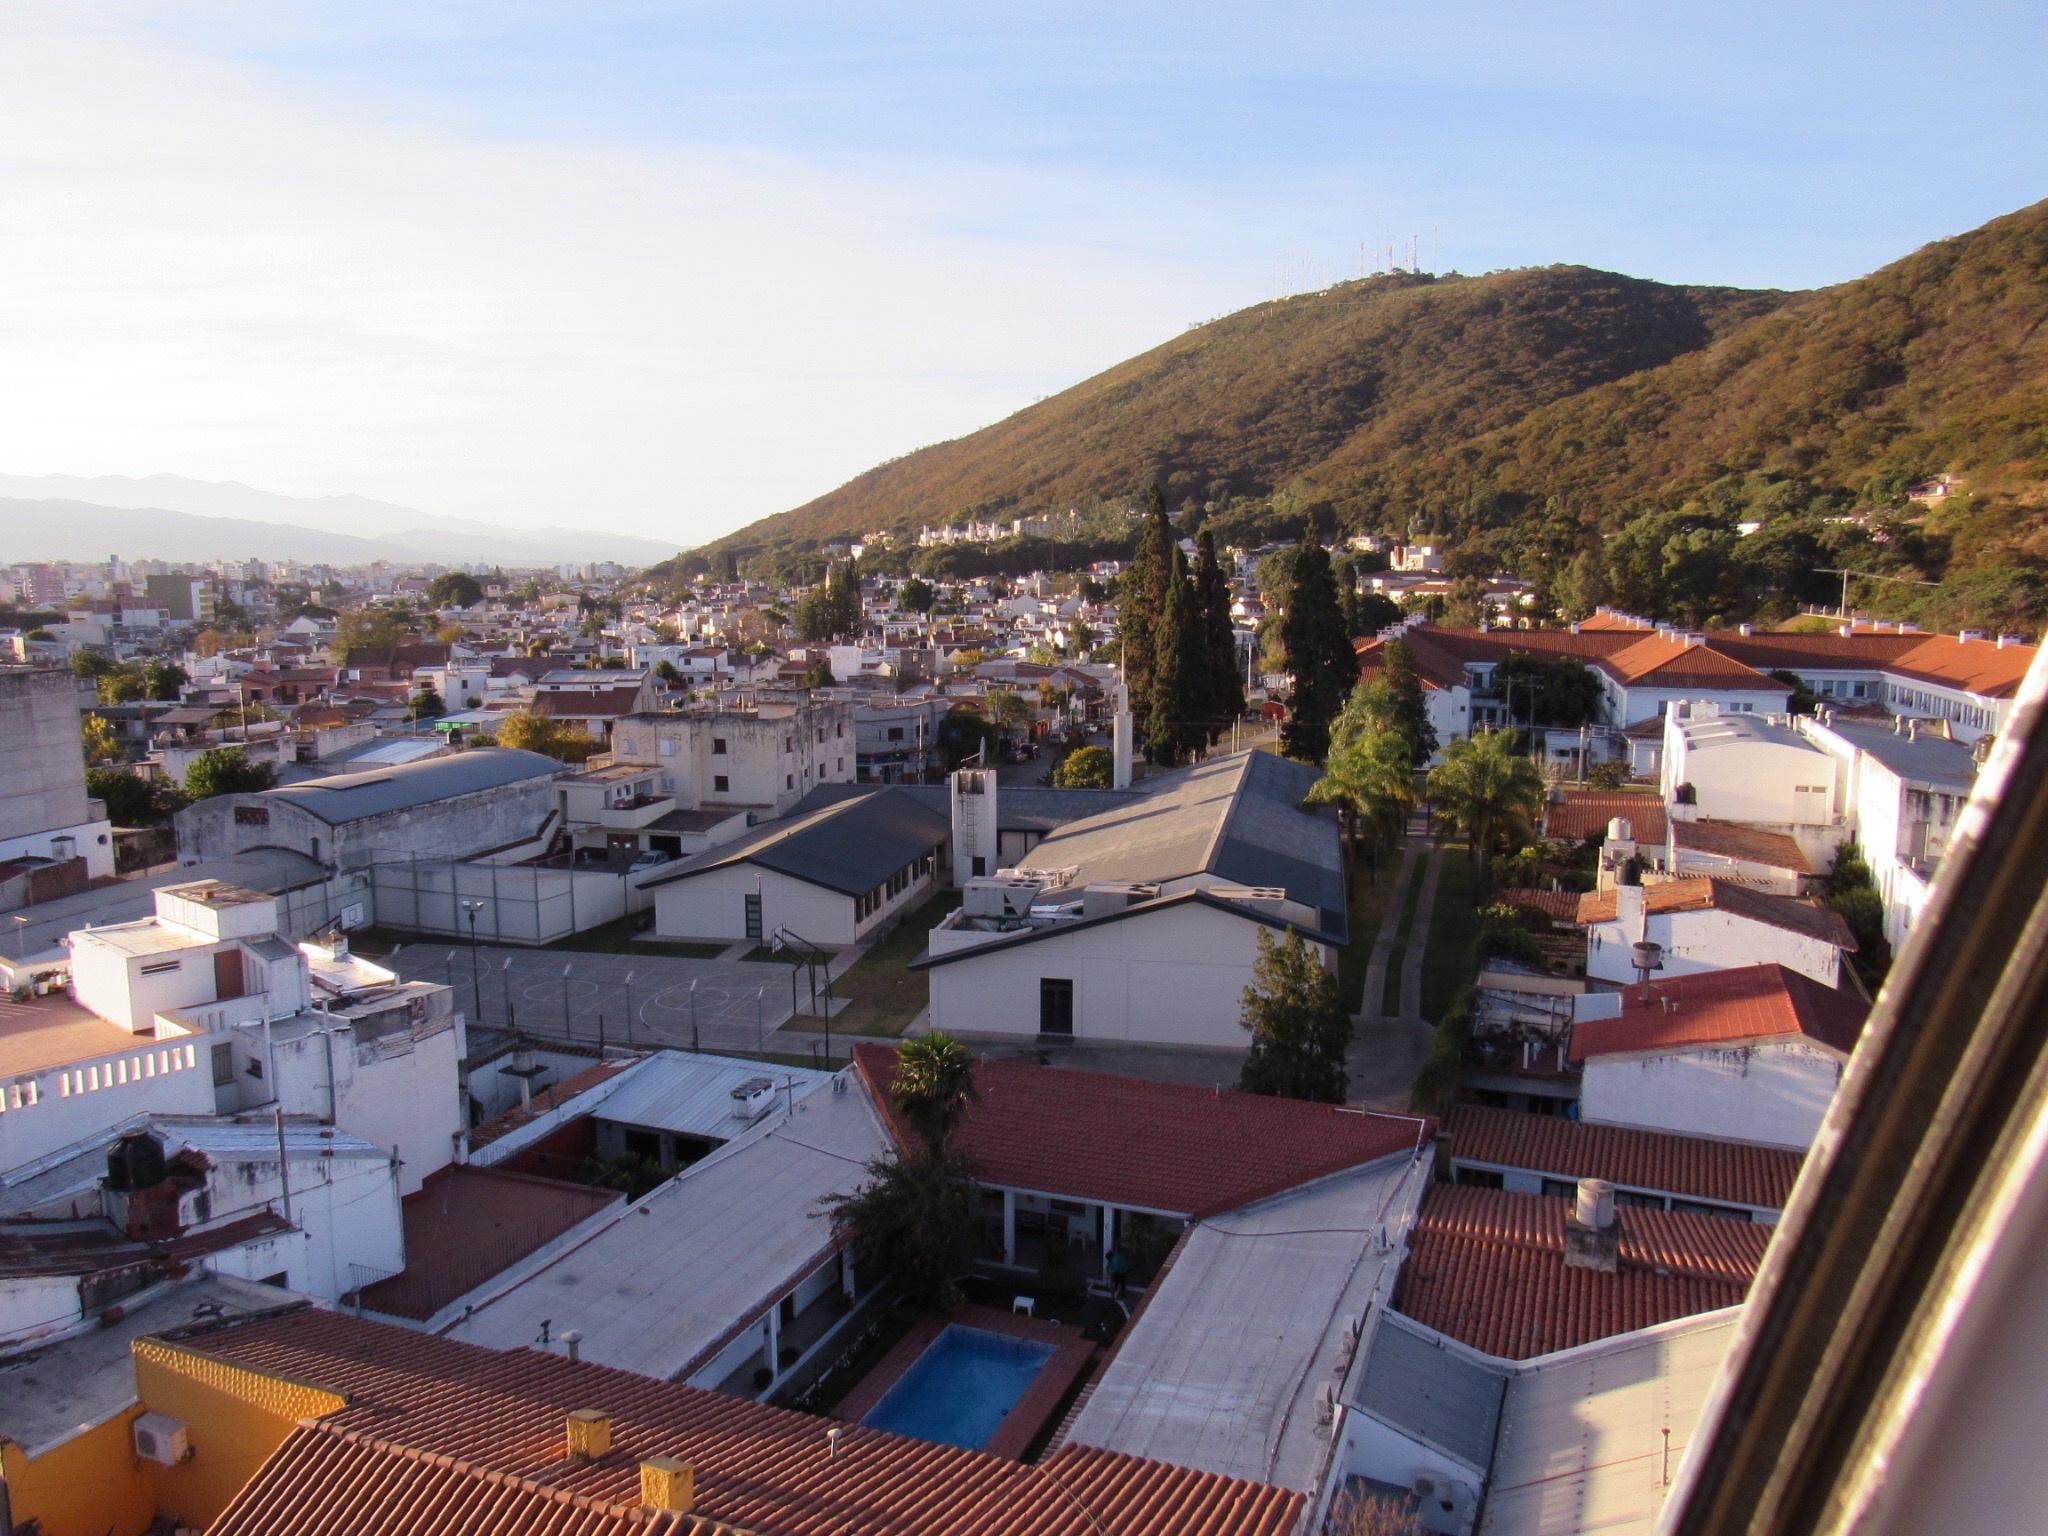 Vista de la ciudad desde el cerro San Bernardo, Salta, Argentina